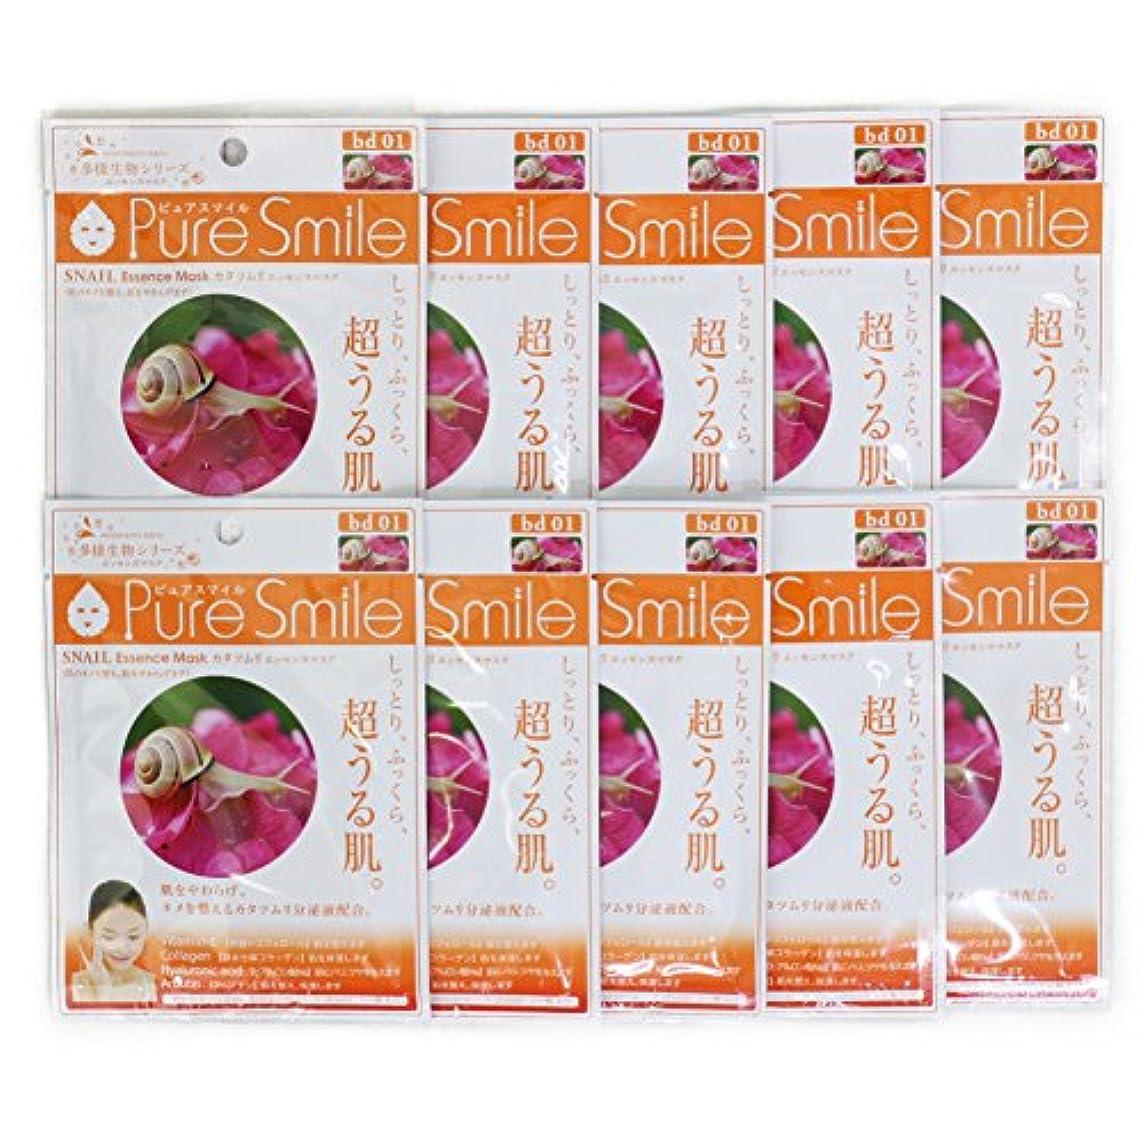 その変化座標Pure Smile ピュアスマイル 多様生物エッセンスマスク カタツムリ 10枚セット